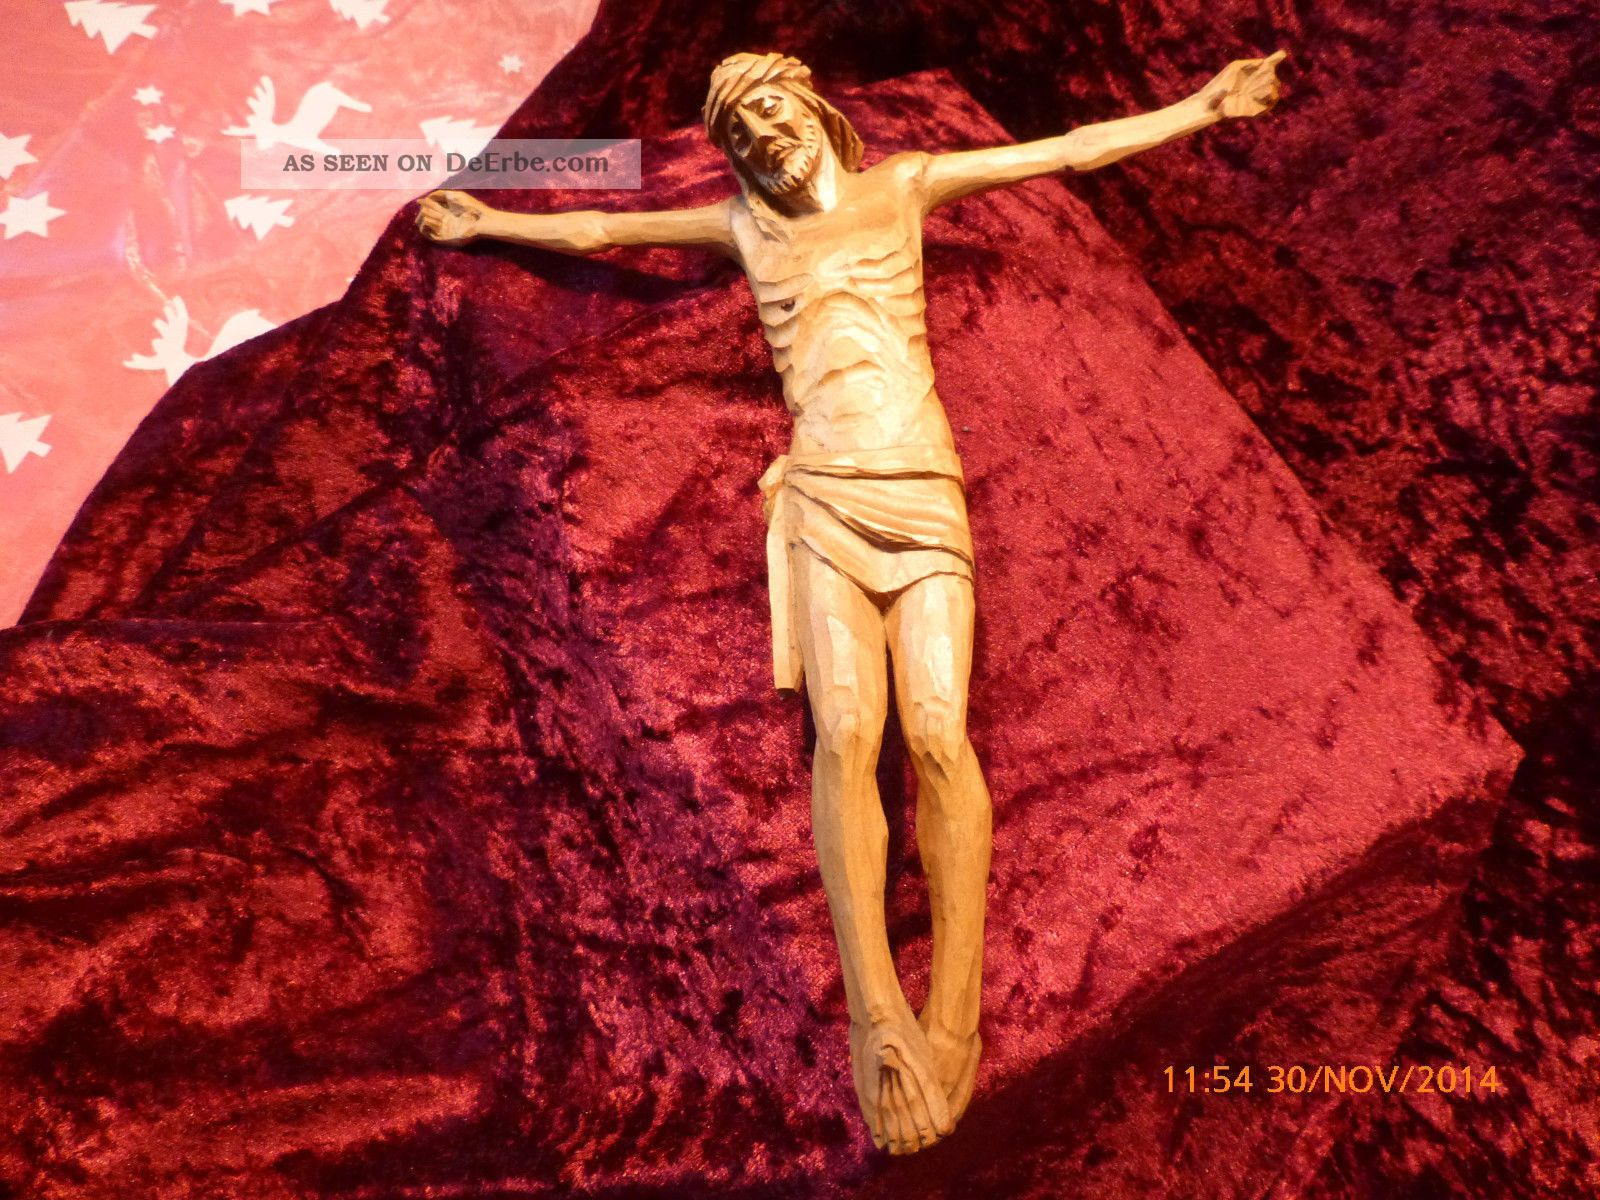 Schöner Handgeschnitzter Korpus,  Christus,  Holz Holzarbeiten Bild